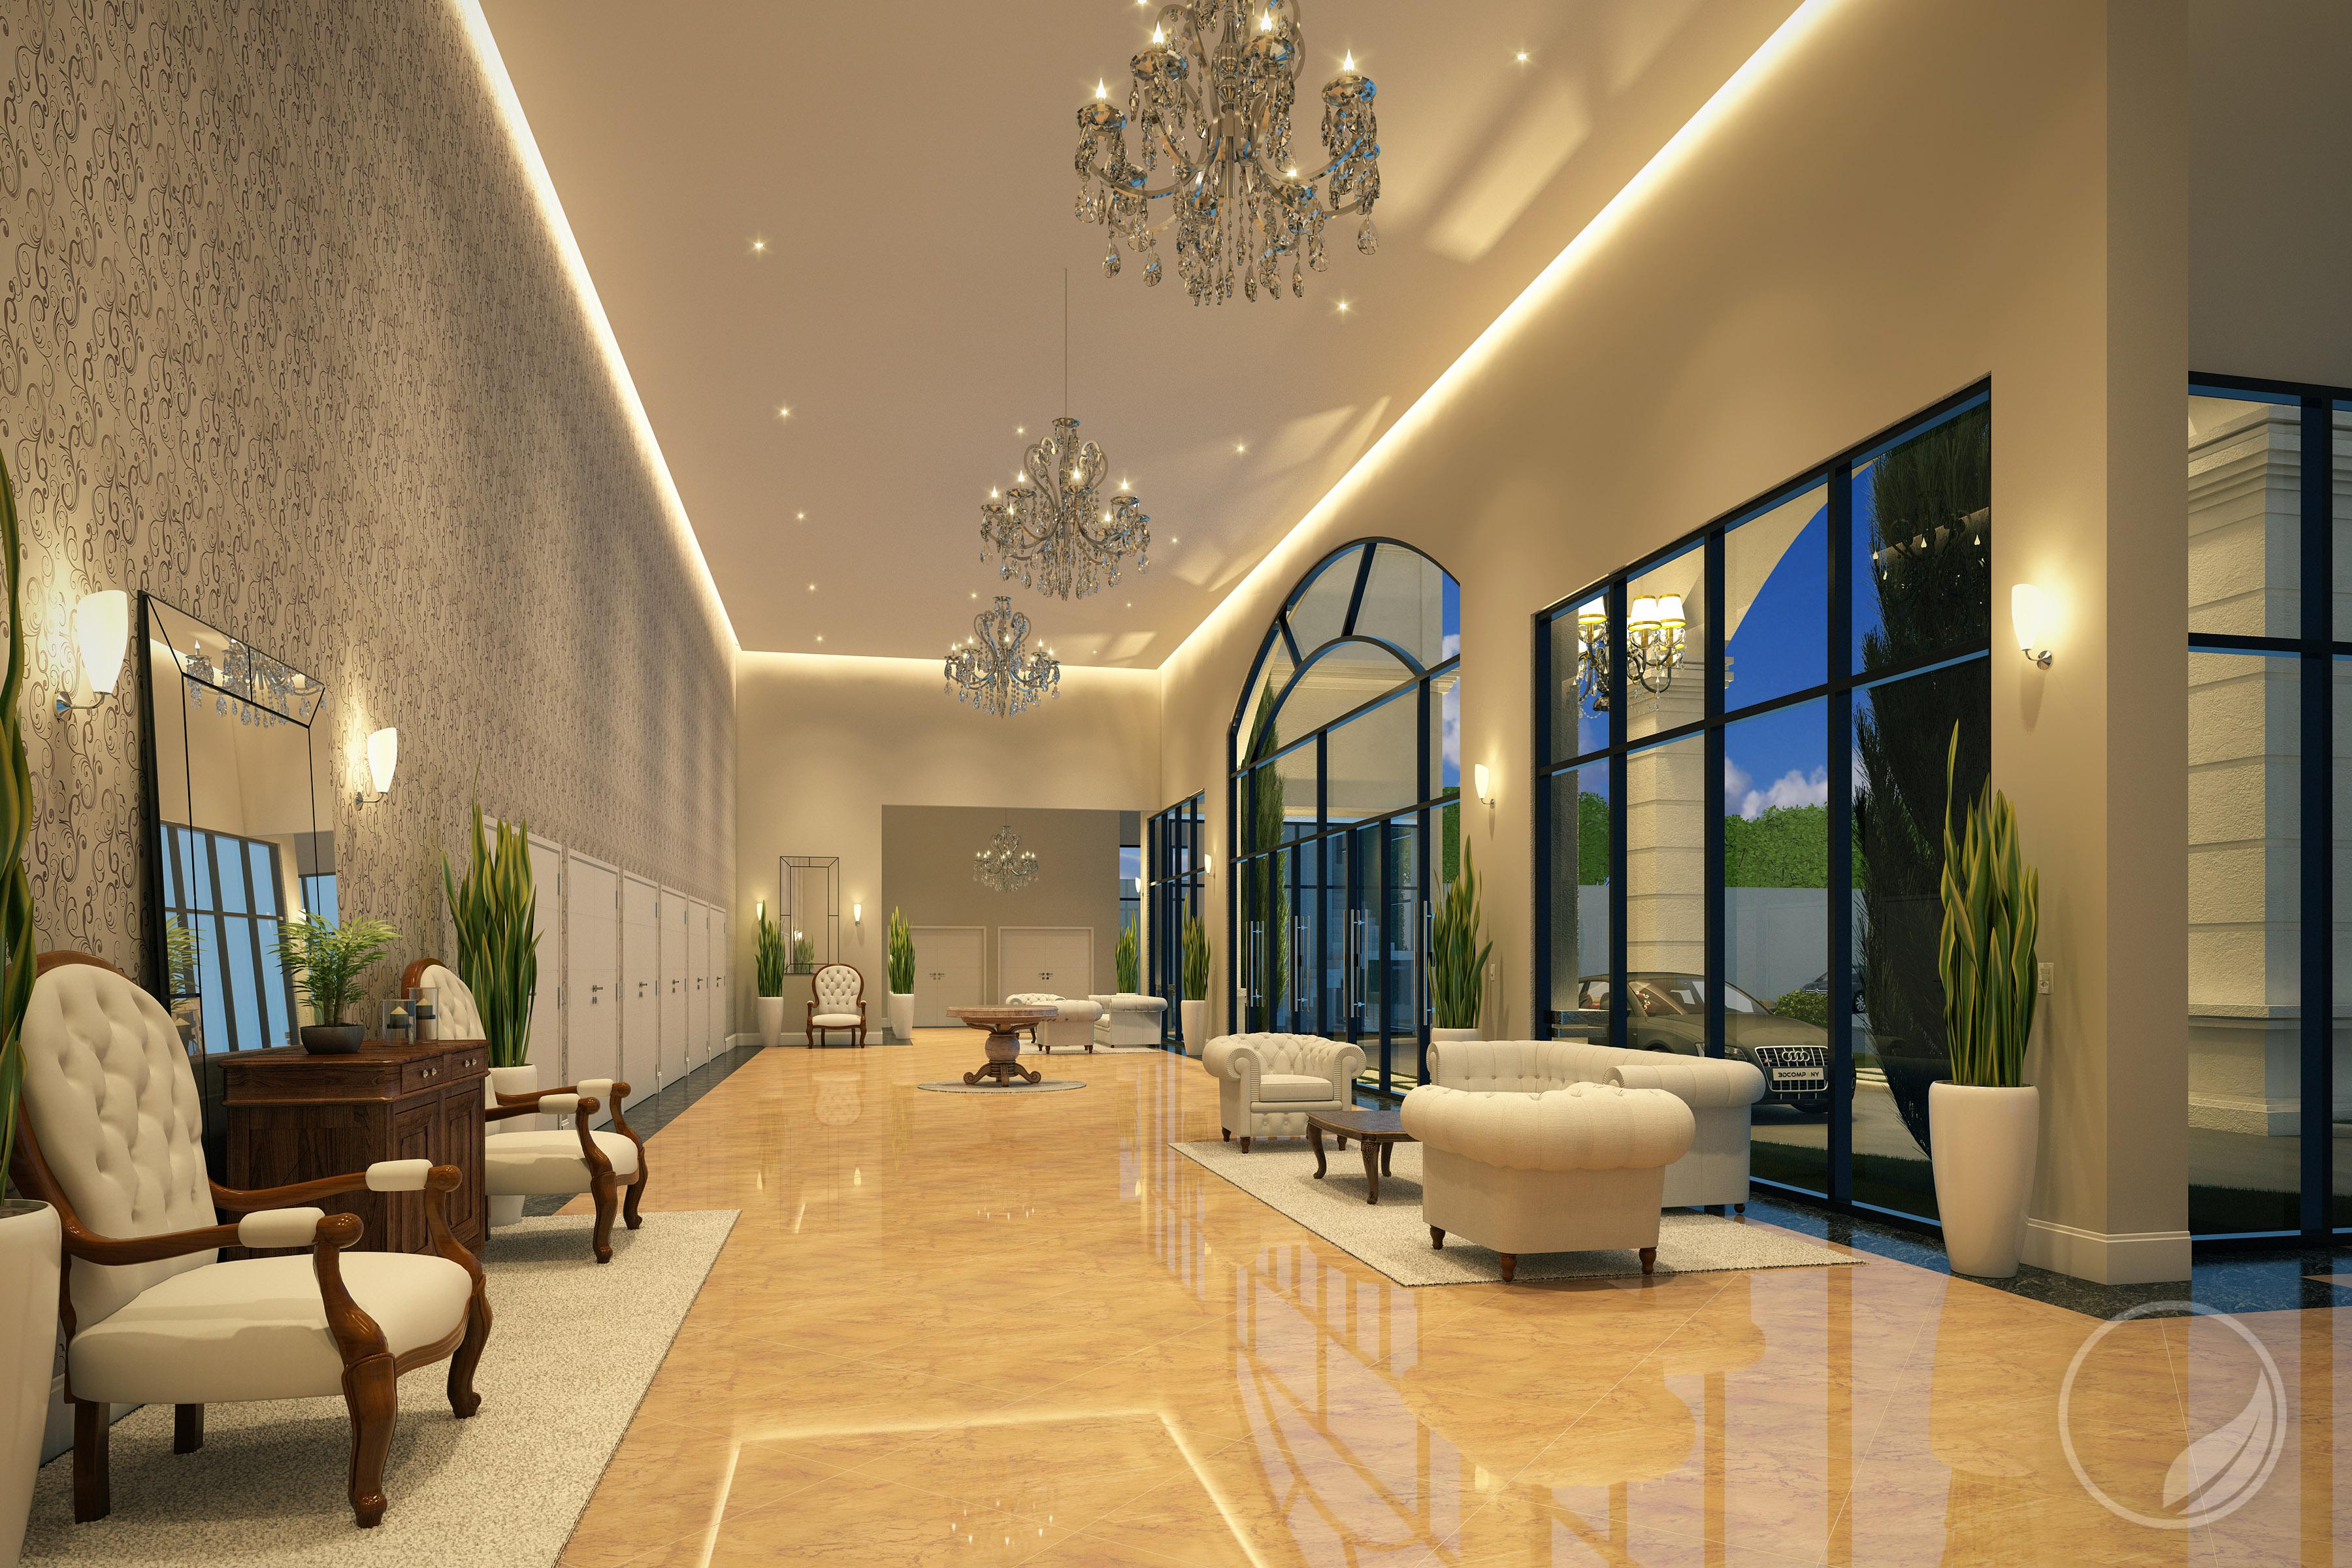 Hall de Entrada   Projeto de um salão de festas com arquitetura moderna. Prime Arquitetura